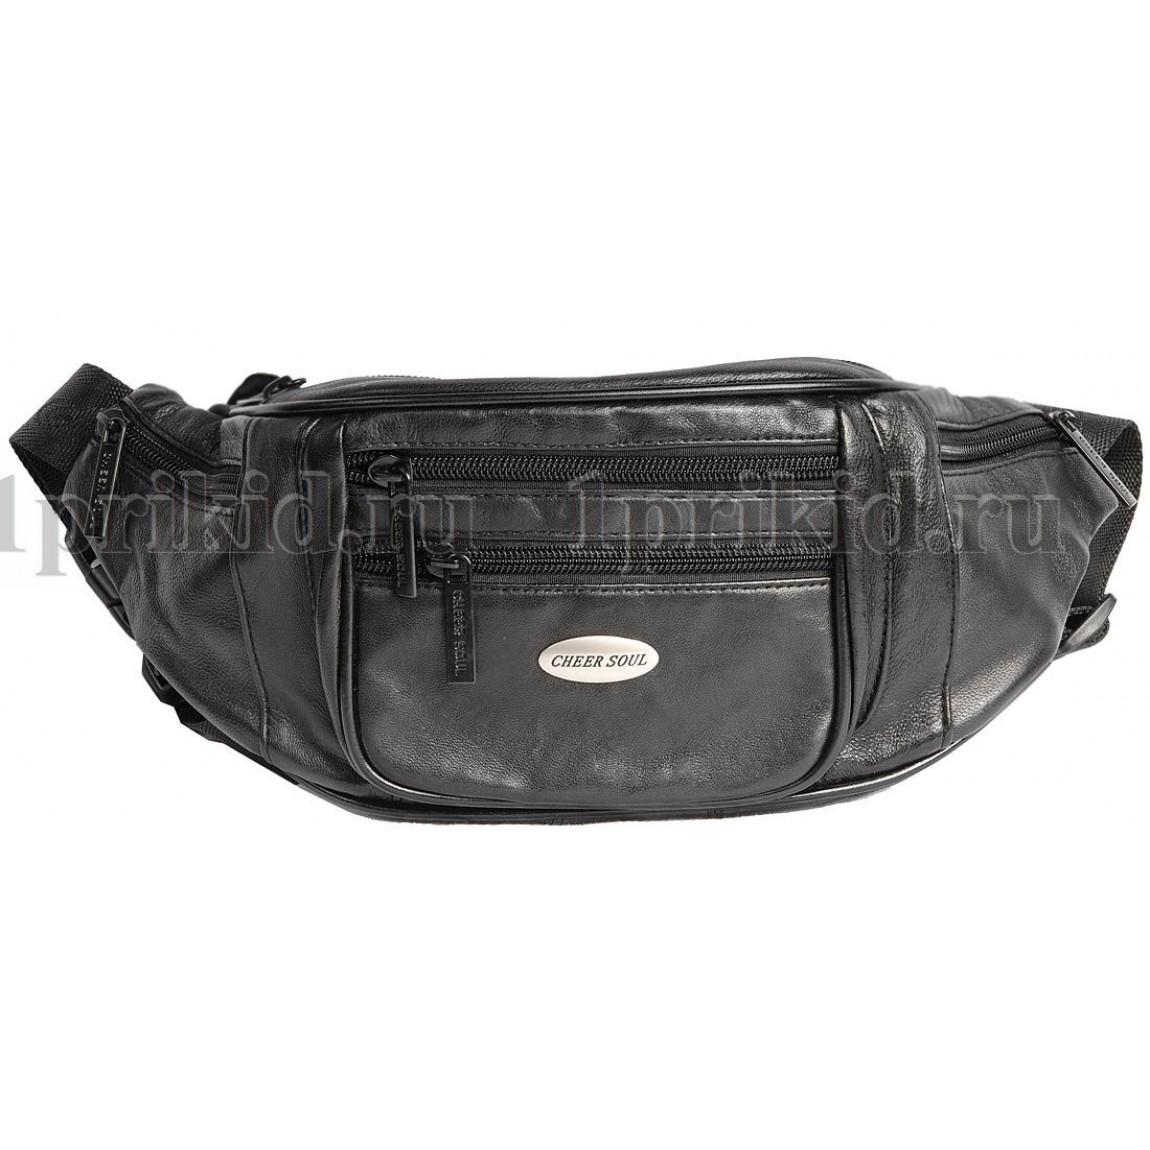 Ремень для сумки мужской купить кожаный ремень для часов seiko